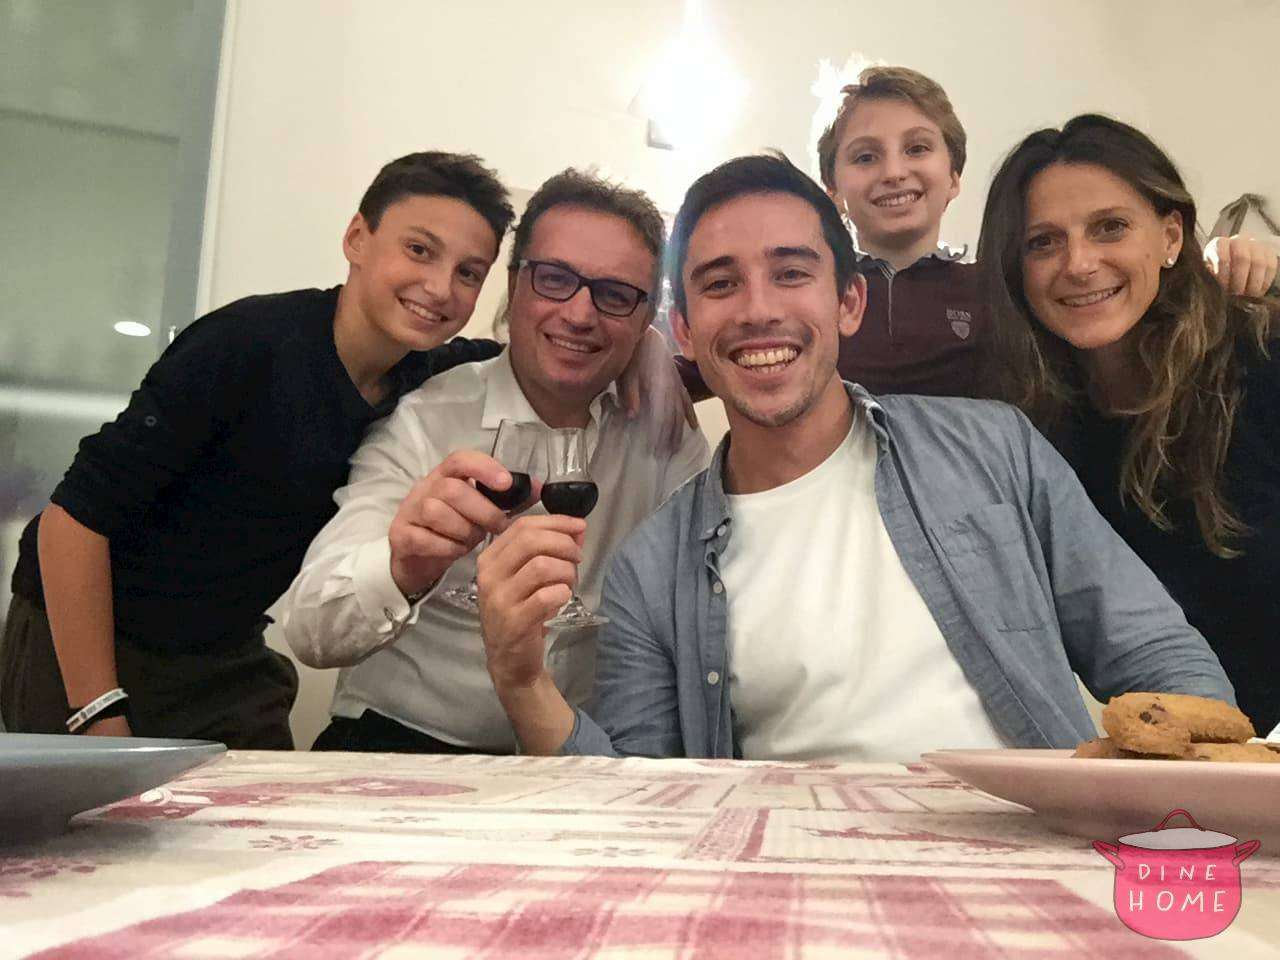 Daniel, studente dagli USA, a cena dalla sua famiglia Dinehome.